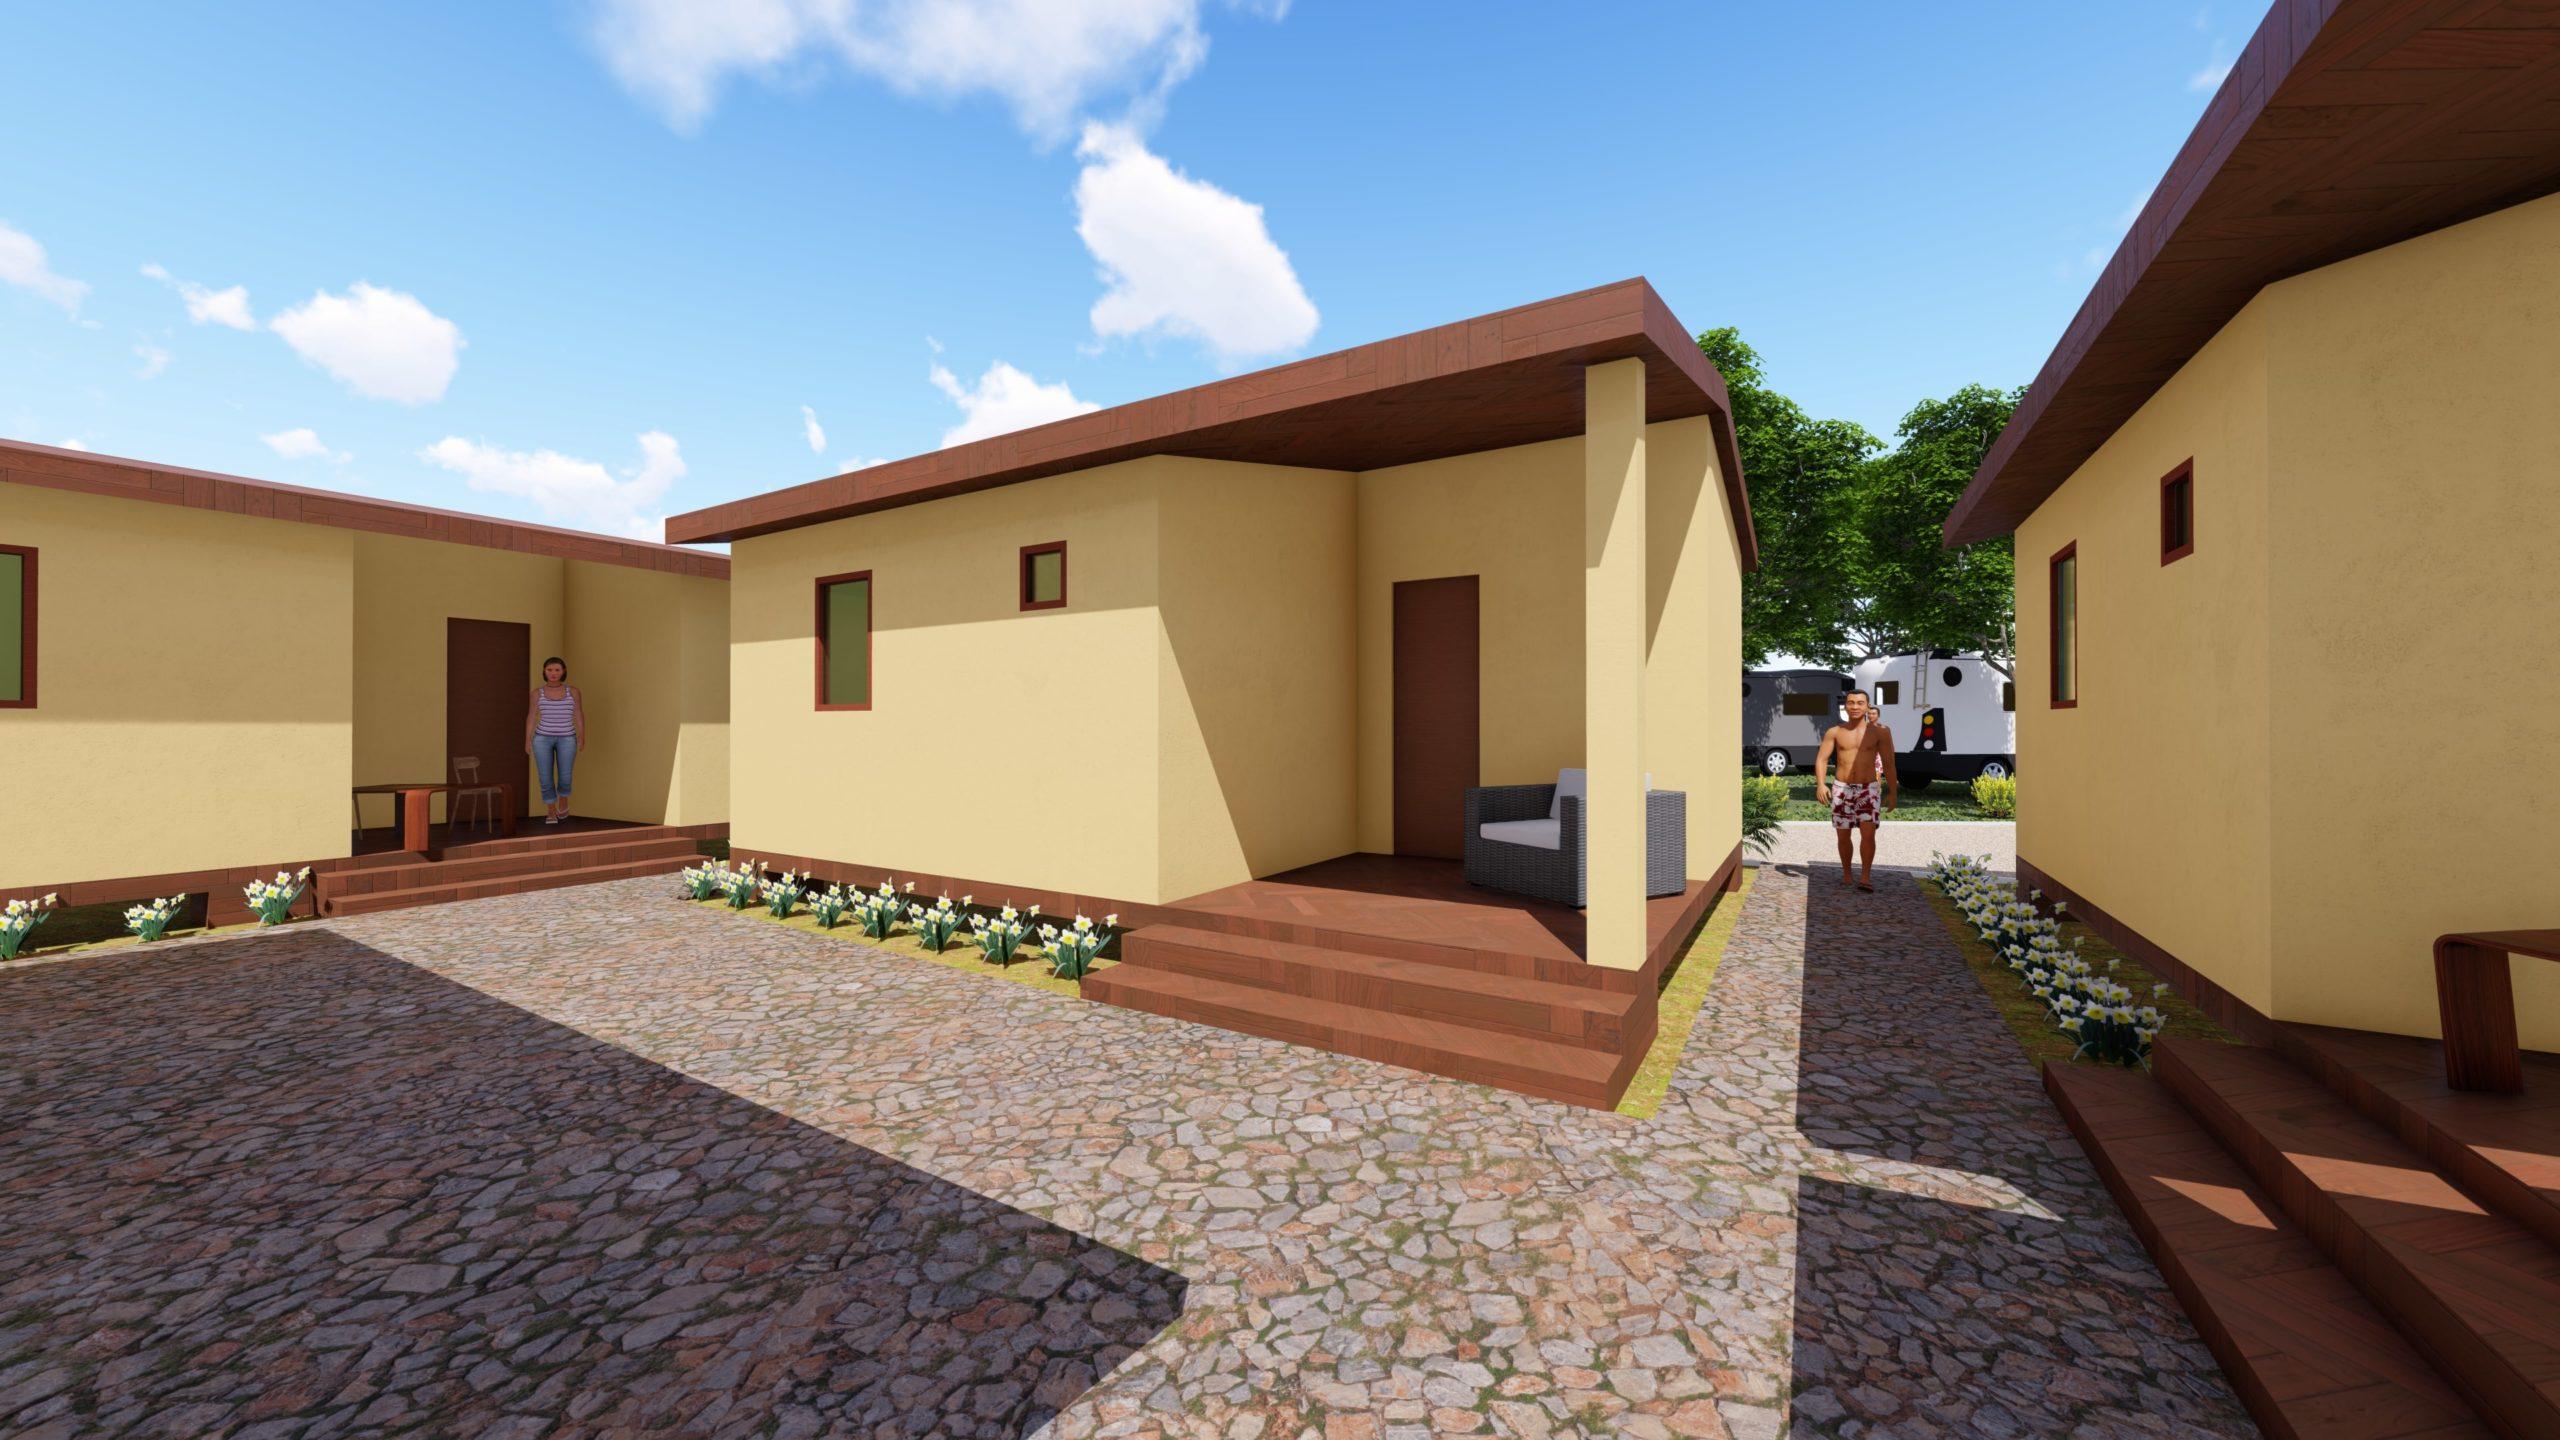 camping arcobaleno - Mercurio Architettura Ingegneria